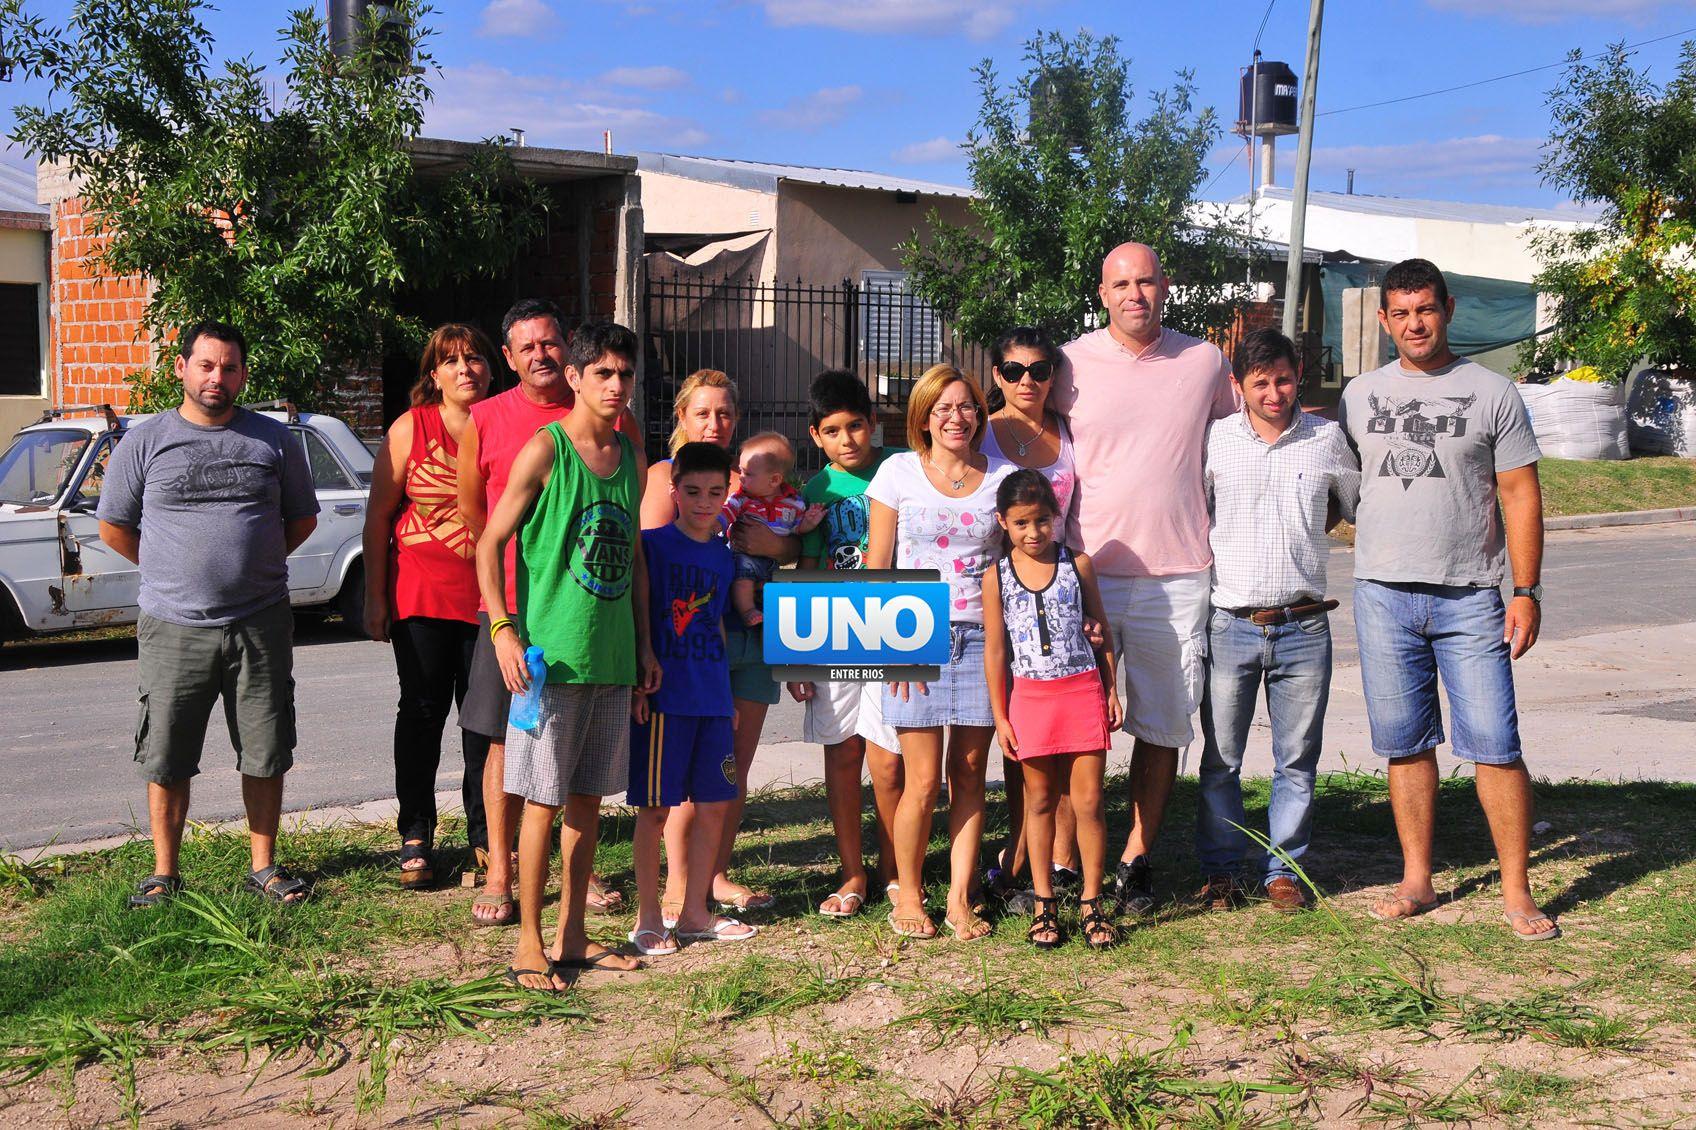 Pertenencia. Los vecinos comparten valores y entre todos cuidan la plaza para que los niños jueguen. (Foto UNO/Juan Manuel Hernández)